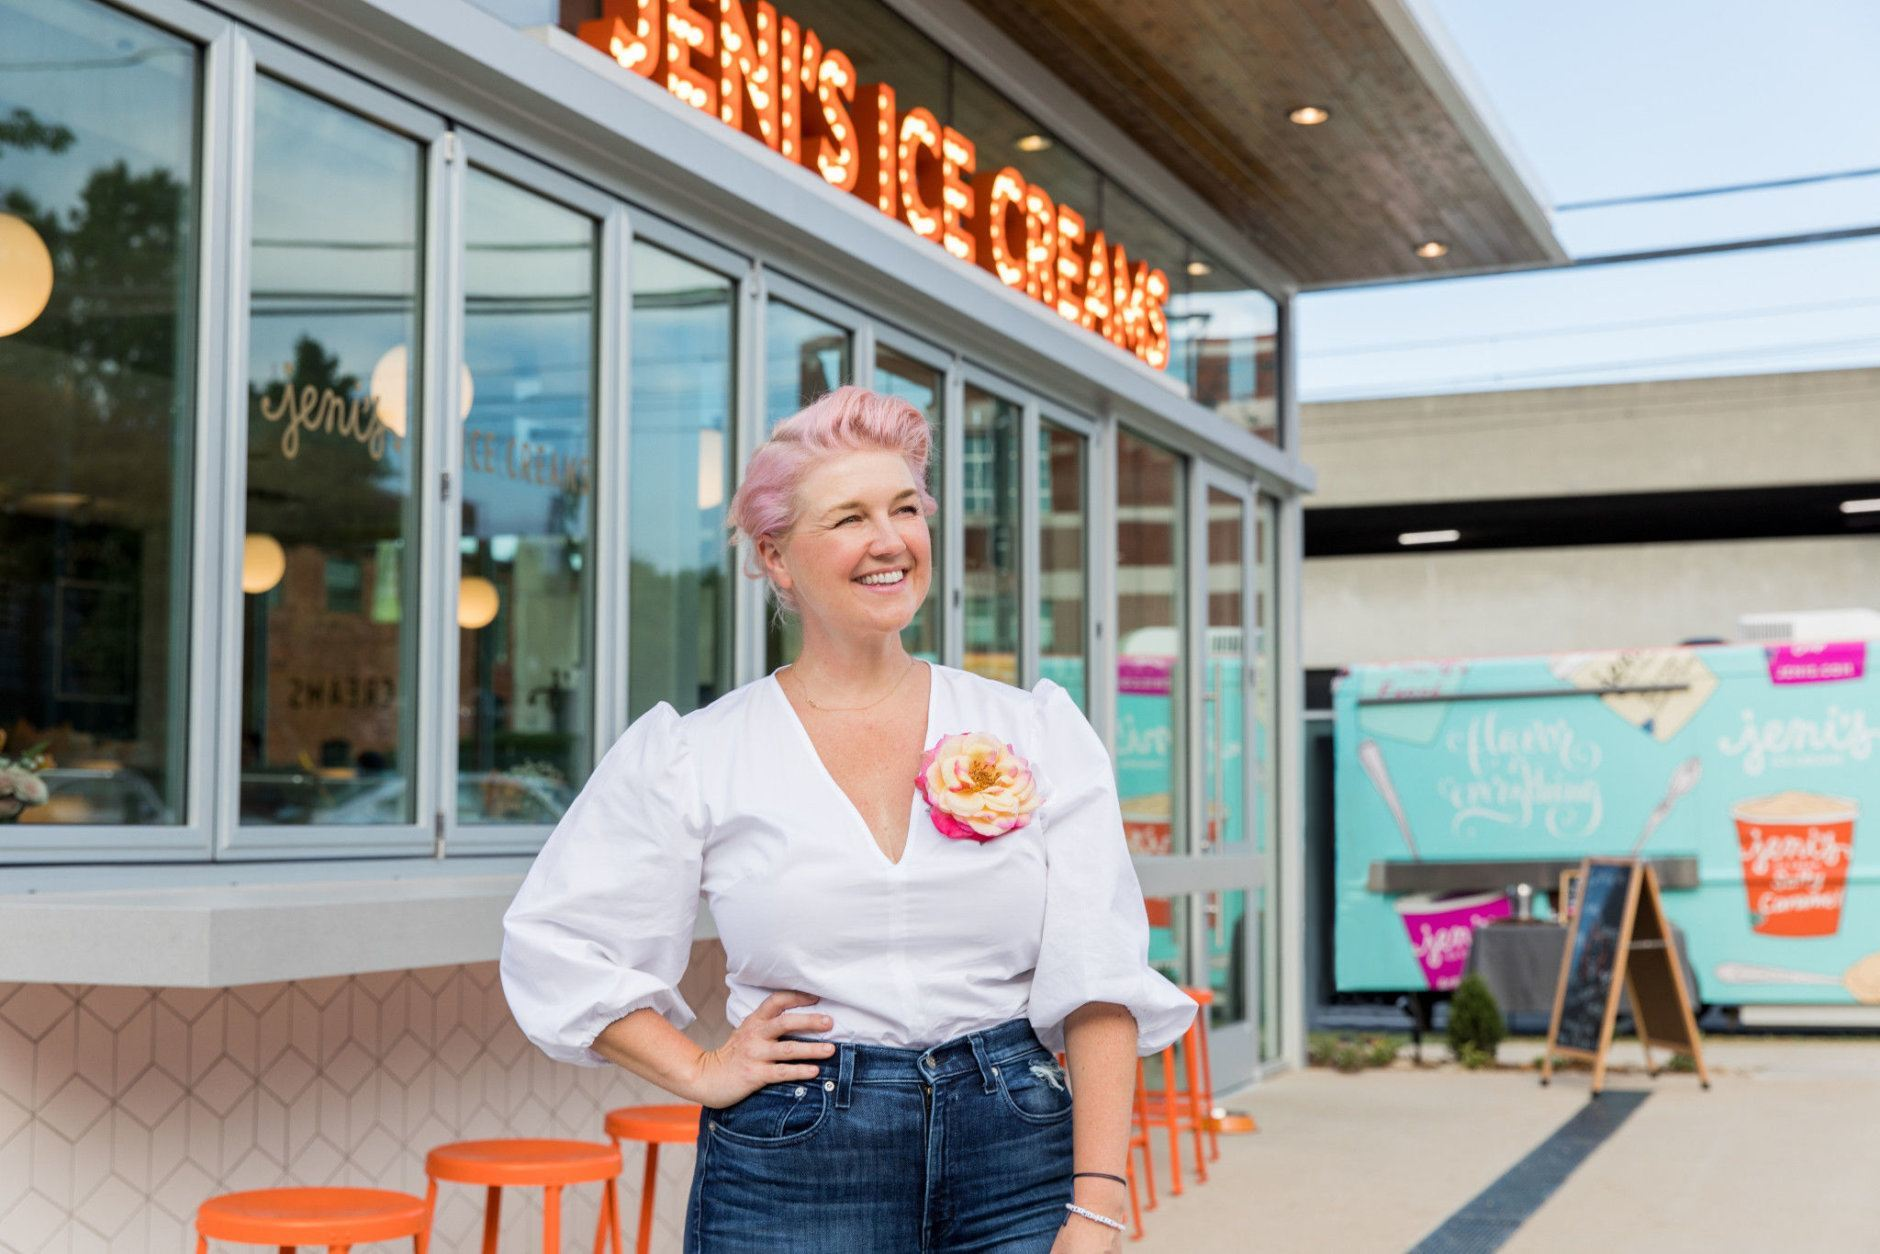 Jeni Britton Bauer. (Courtesy Jeni's Splendid Ice Creams)